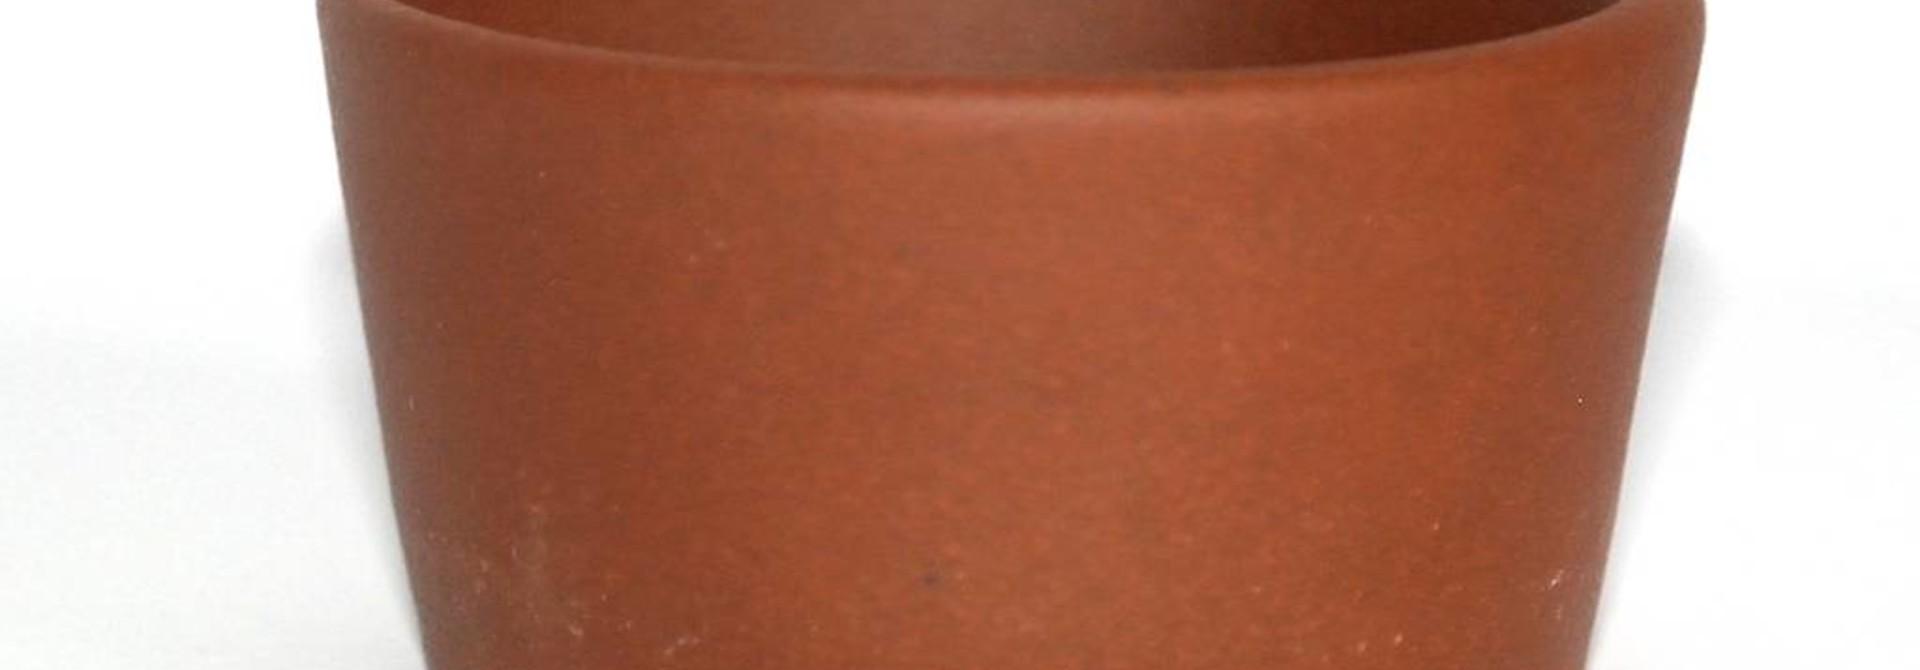 Petite Tasse YiXing en argile 30ml